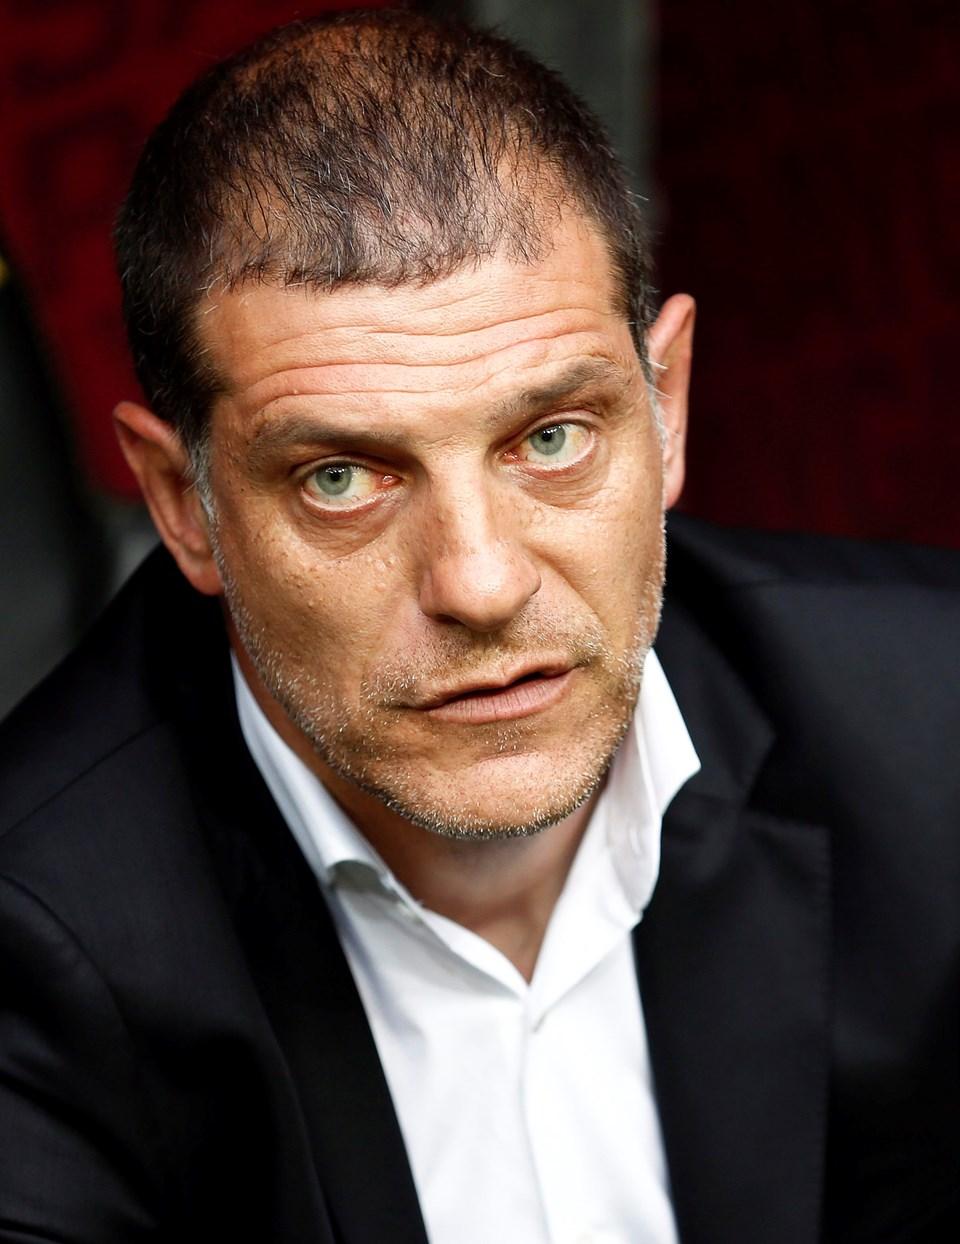 Slaven Bilic, West Ham gibi bir bütçeli takımla dördüncü torbadan gelen Romen takımıAstra Giurgiu'ya elenince İngiliz basınında eleştirilerin hedefi oldu.